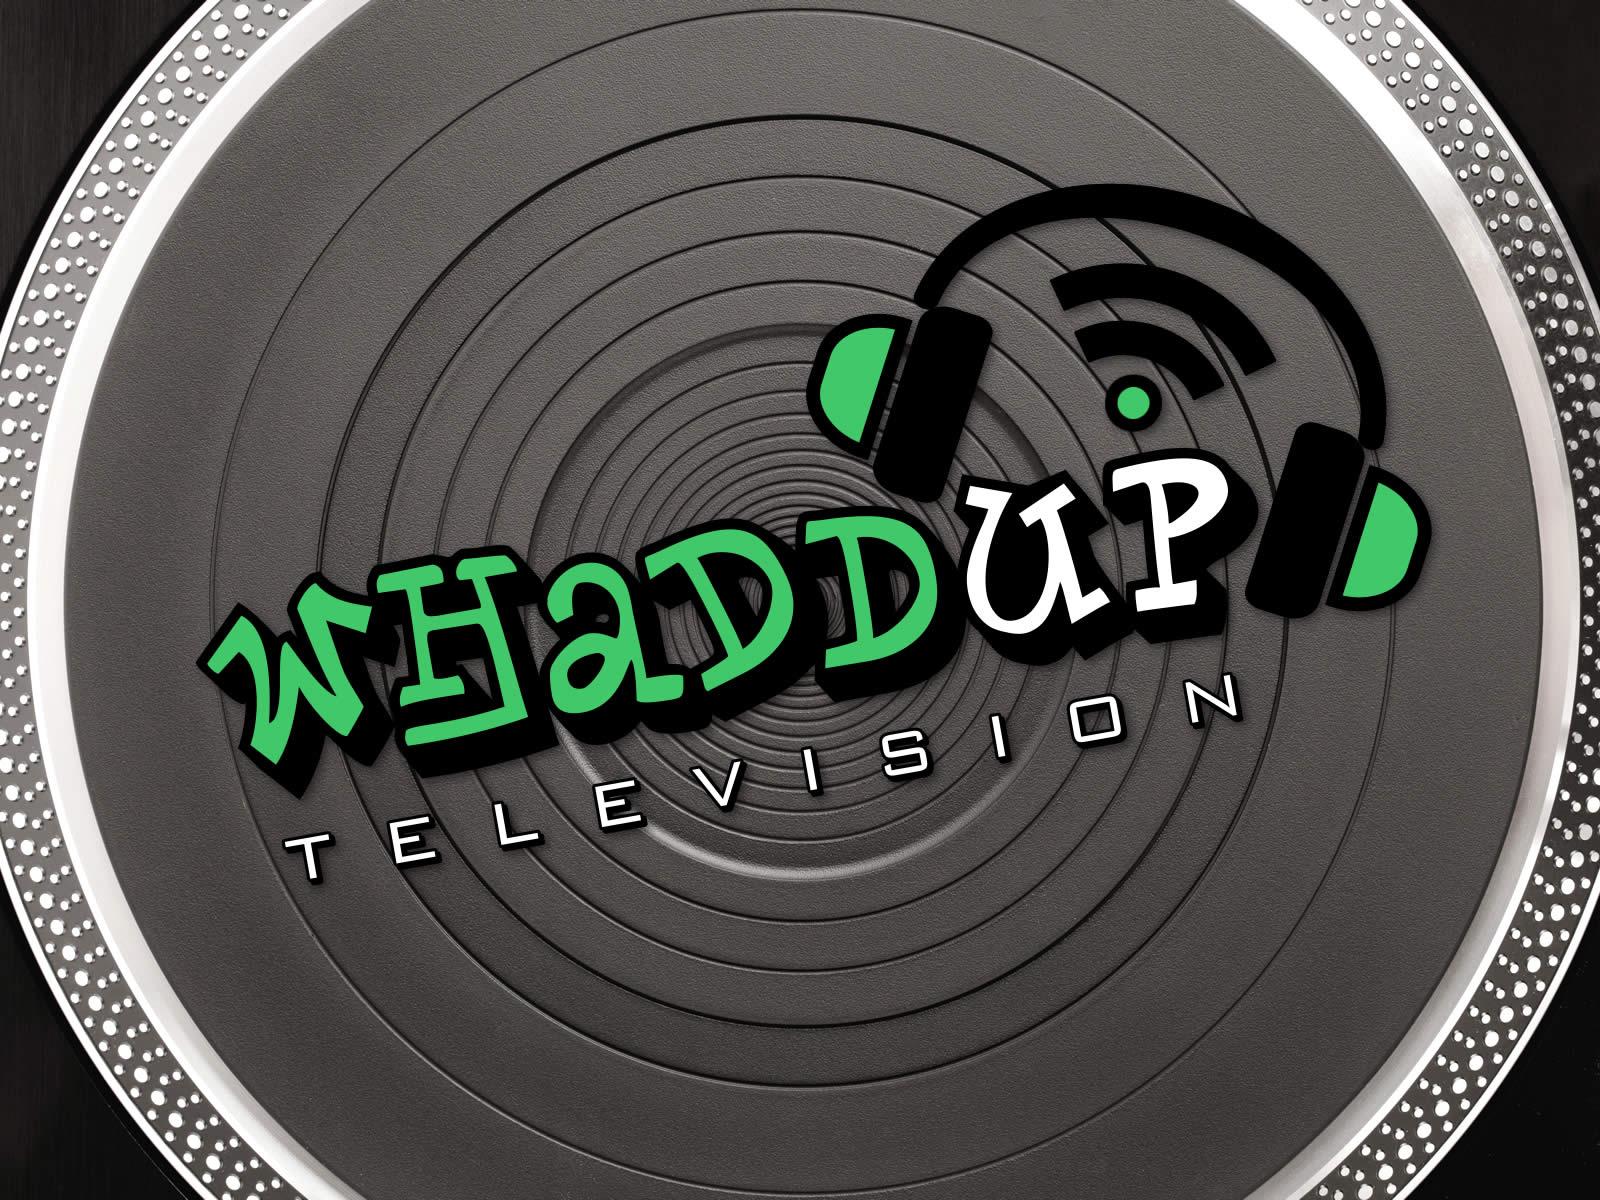 WhaddUp Television - logo